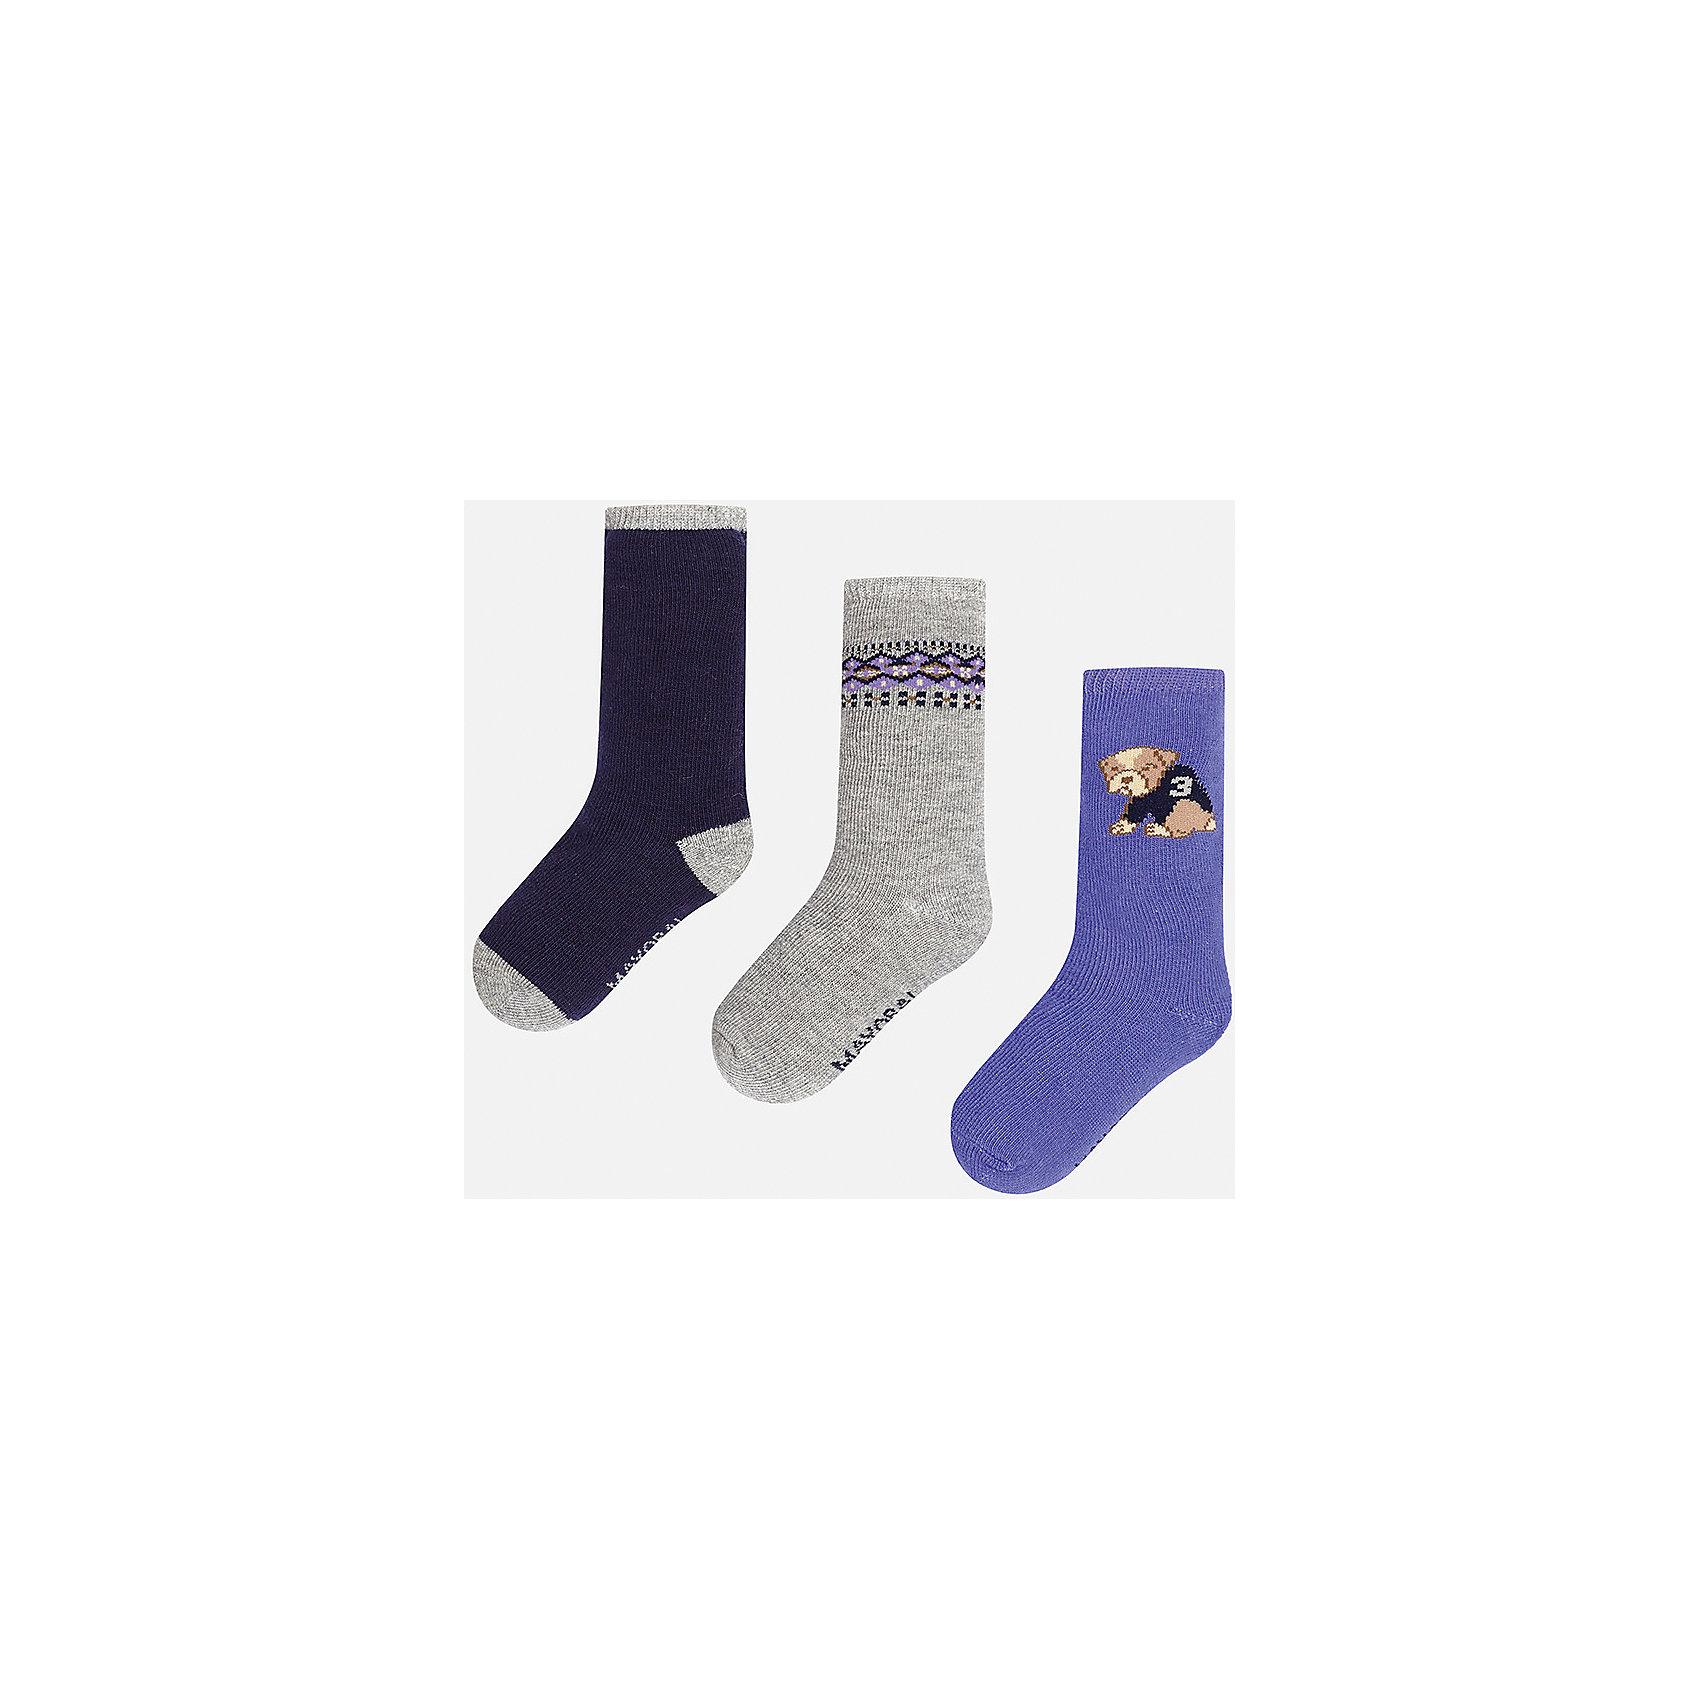 Комплект:3 пары носков для мальчика MayoralНабор из 3 пар носков для мальчиков от известного испанского бренда Mayoral. В комплекте носки разной расцветки: темно-синий с серыми пяткой, носком и резинкой, серый с фиолетово-черным узором сверху, фиолетовый с рисунком собачка. Носки сделаны из специальных дышащих материалов, чтобы ноги ребенка не потели.<br>Дополнительная информация:<br>-разная расцветка<br>-состав: 77% хлопок, 20% полиамид, 3% эластан<br>Комплект носков Mayoral можно приобрести в нашем интернет-магазине.<br><br>Ширина мм: 87<br>Глубина мм: 10<br>Высота мм: 105<br>Вес г: 115<br>Цвет: фиолетовый<br>Возраст от месяцев: 18<br>Возраст до месяцев: 24<br>Пол: Мужской<br>Возраст: Детский<br>Размер: 2,1<br>SKU: 4820029